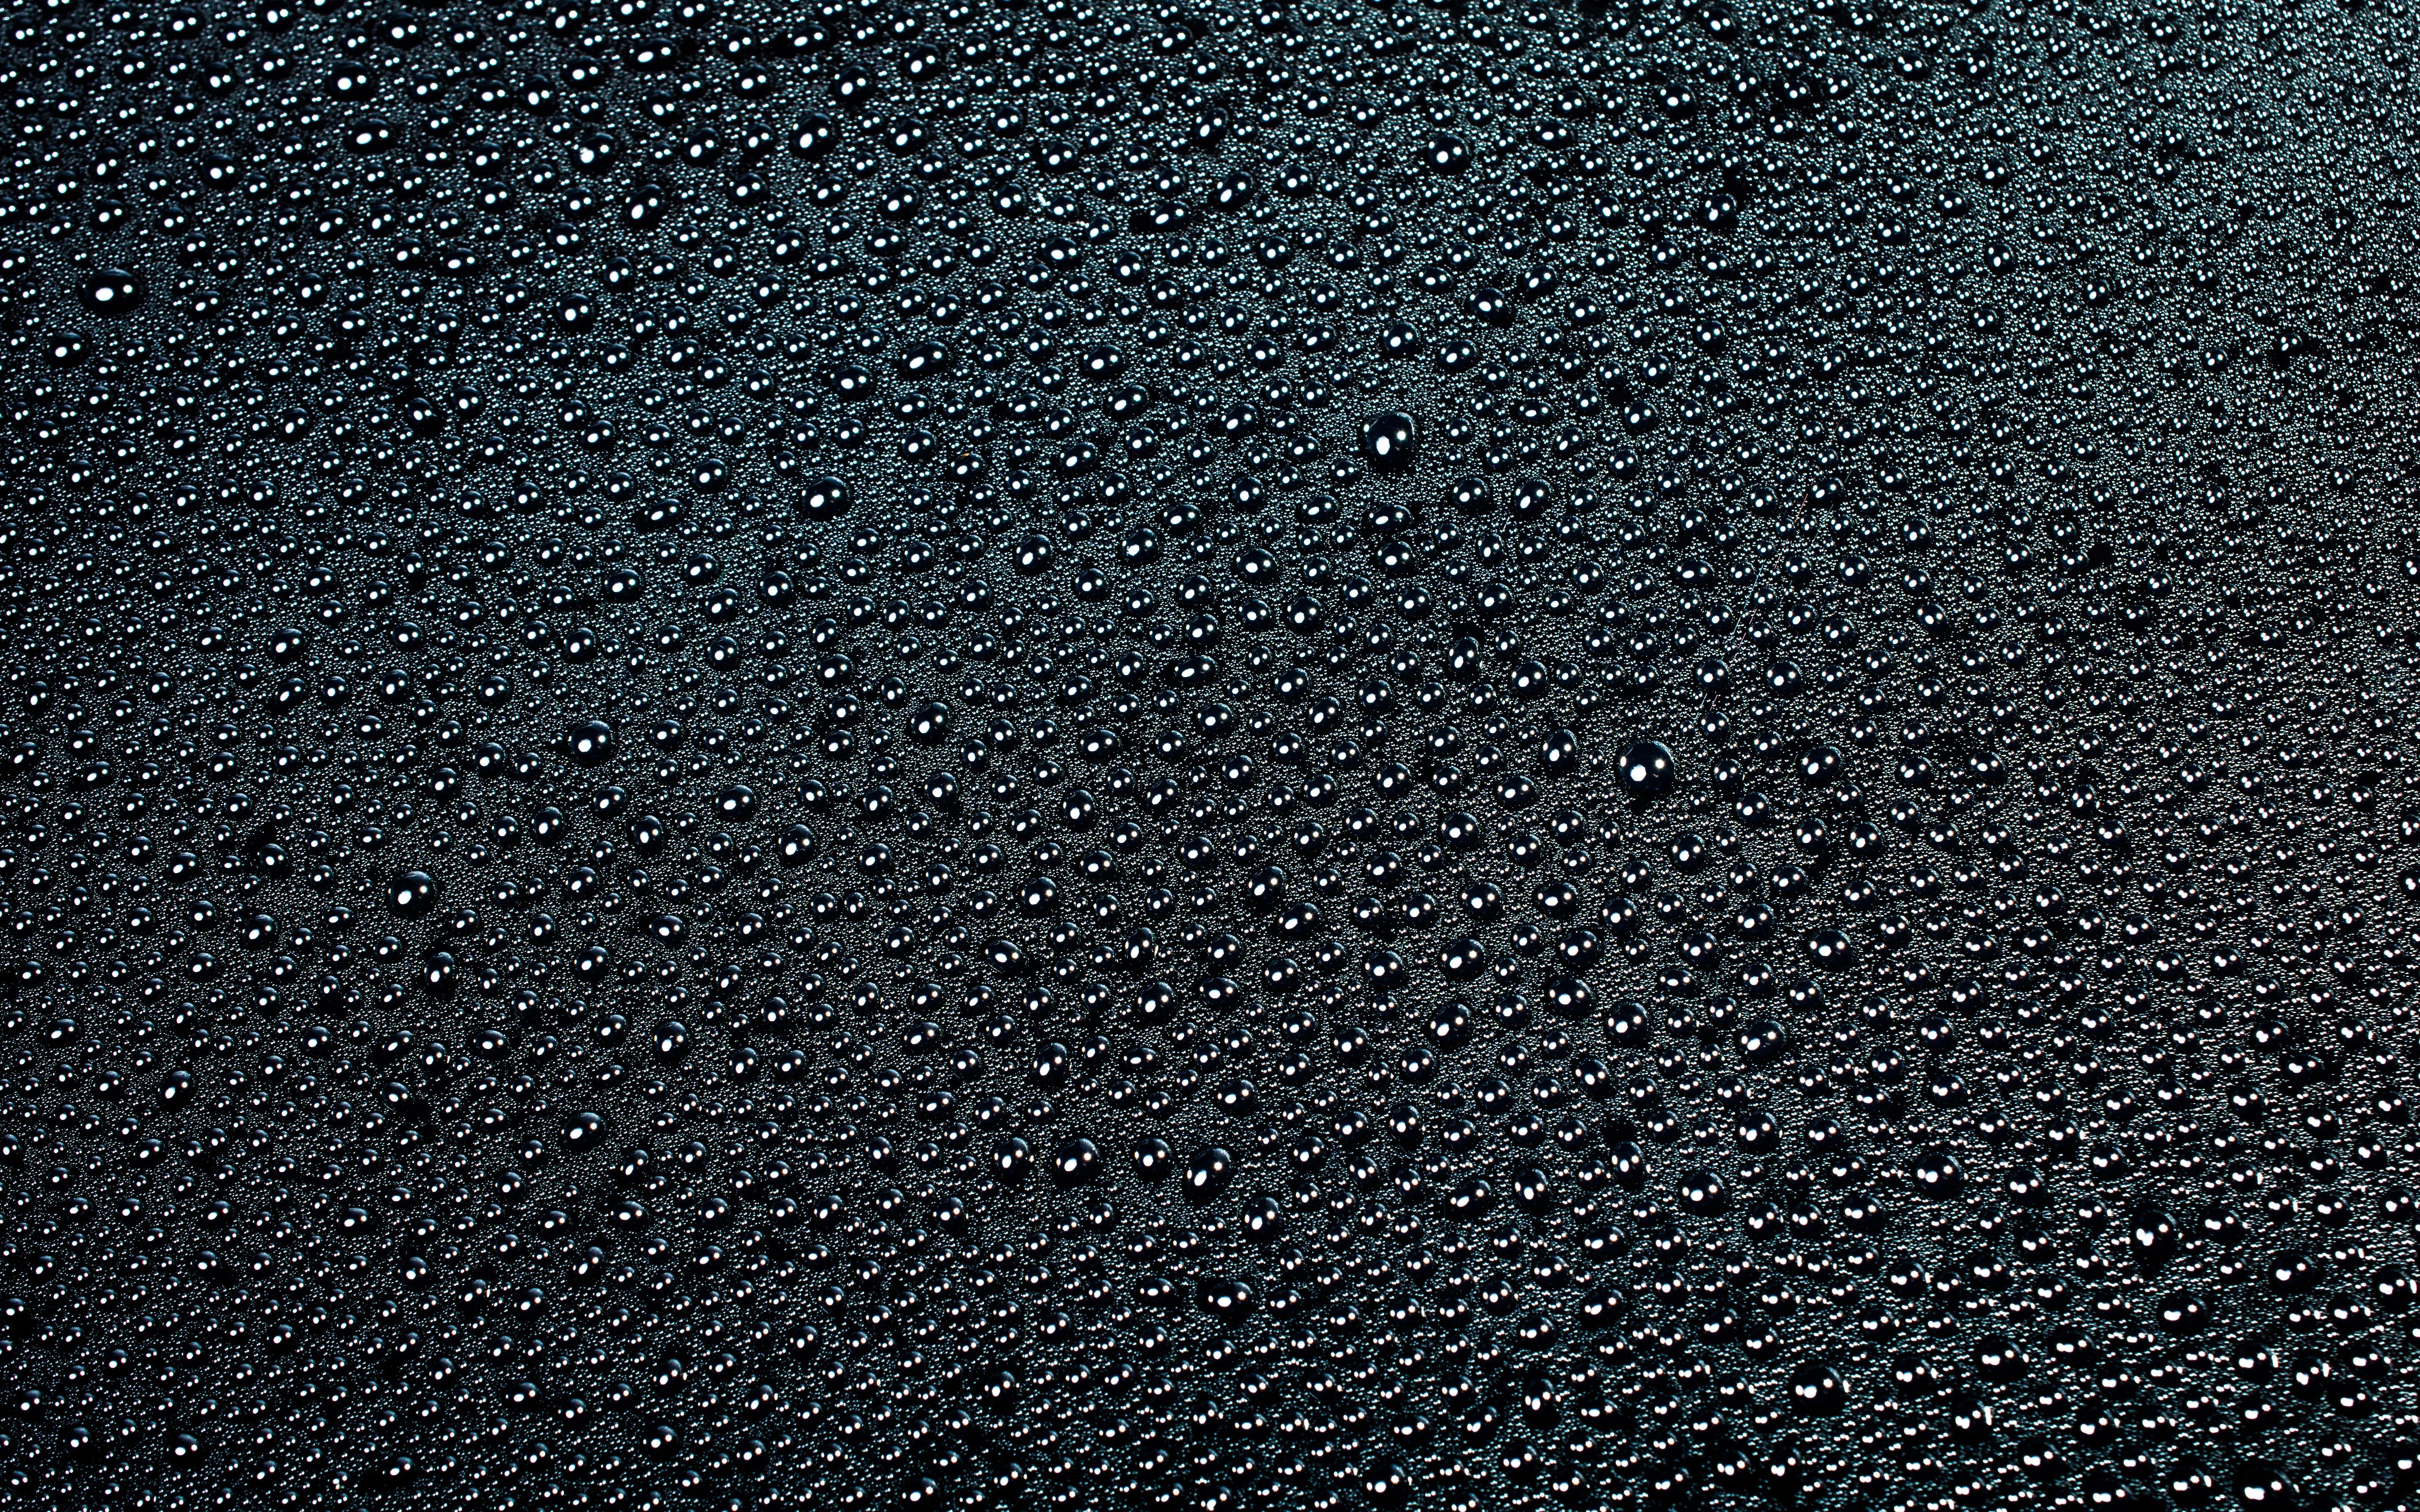 58032 Hintergrundbild herunterladen Drops, Dunkel, Textur, Texturen, Oberfläche, Bälle - Bildschirmschoner und Bilder kostenlos